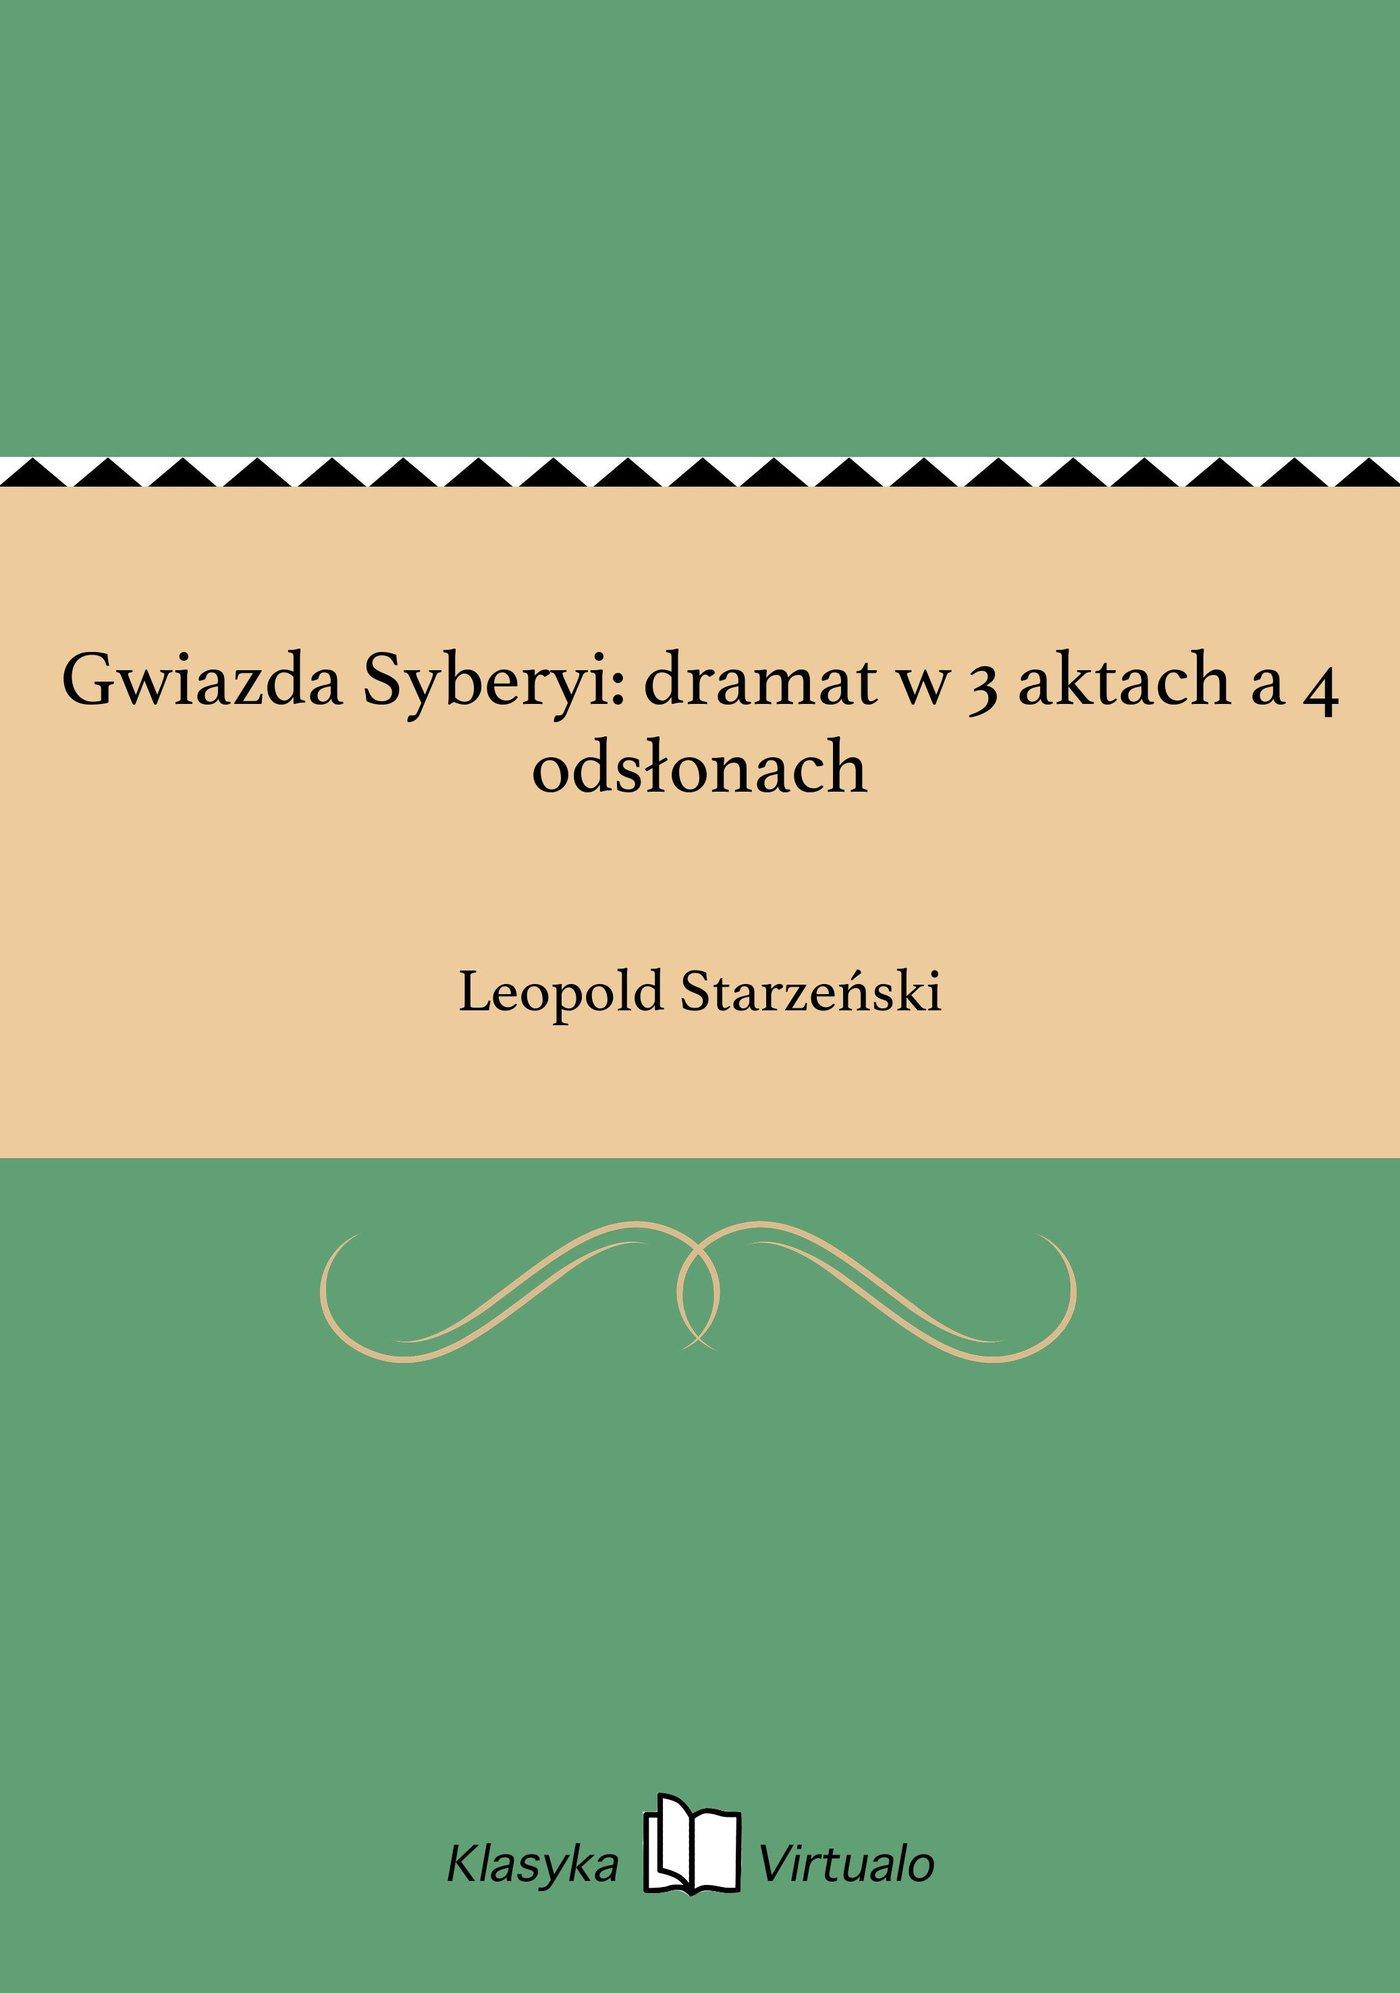 Gwiazda Syberyi: dramat w 3 aktach a 4 odsłonach - Ebook (Książka EPUB) do pobrania w formacie EPUB